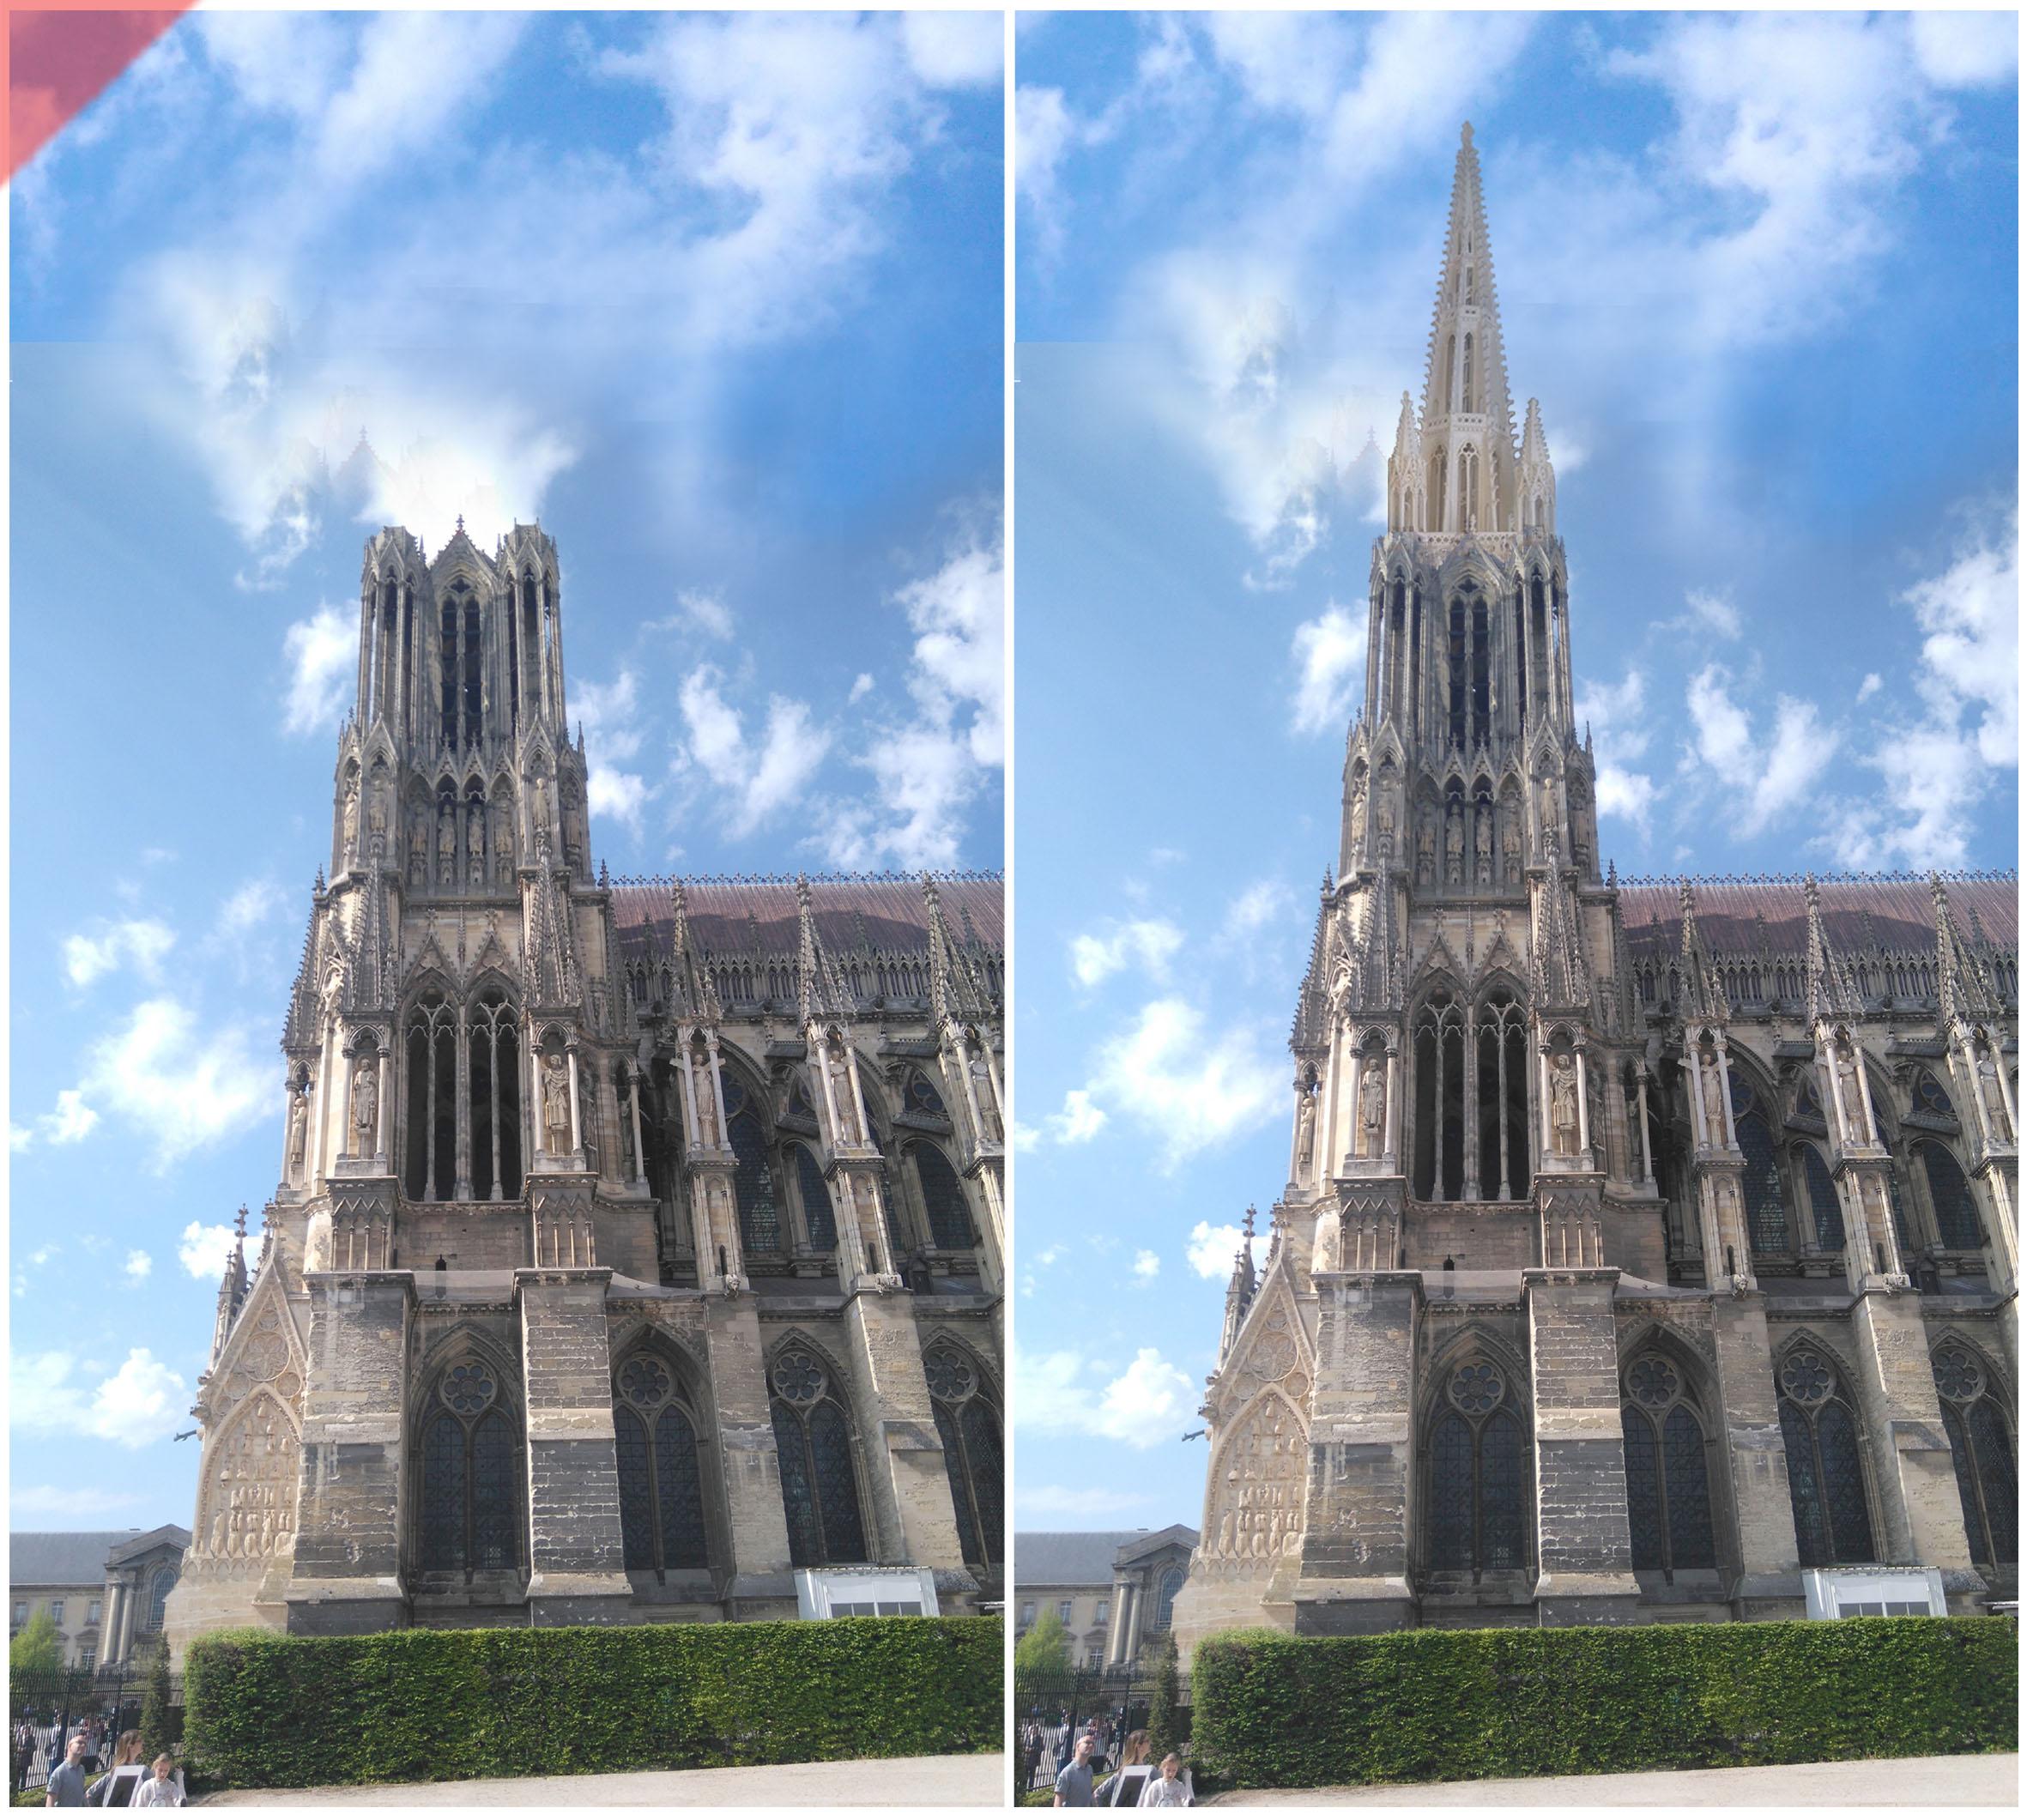 Reims-Cathédrale-Reims-tours-2-deux-prévu-toit-de-pierre-façade-ouest-Reims-cathedrale-2-two-towers-kathedrale-pitched-roof-stone-then-and-now